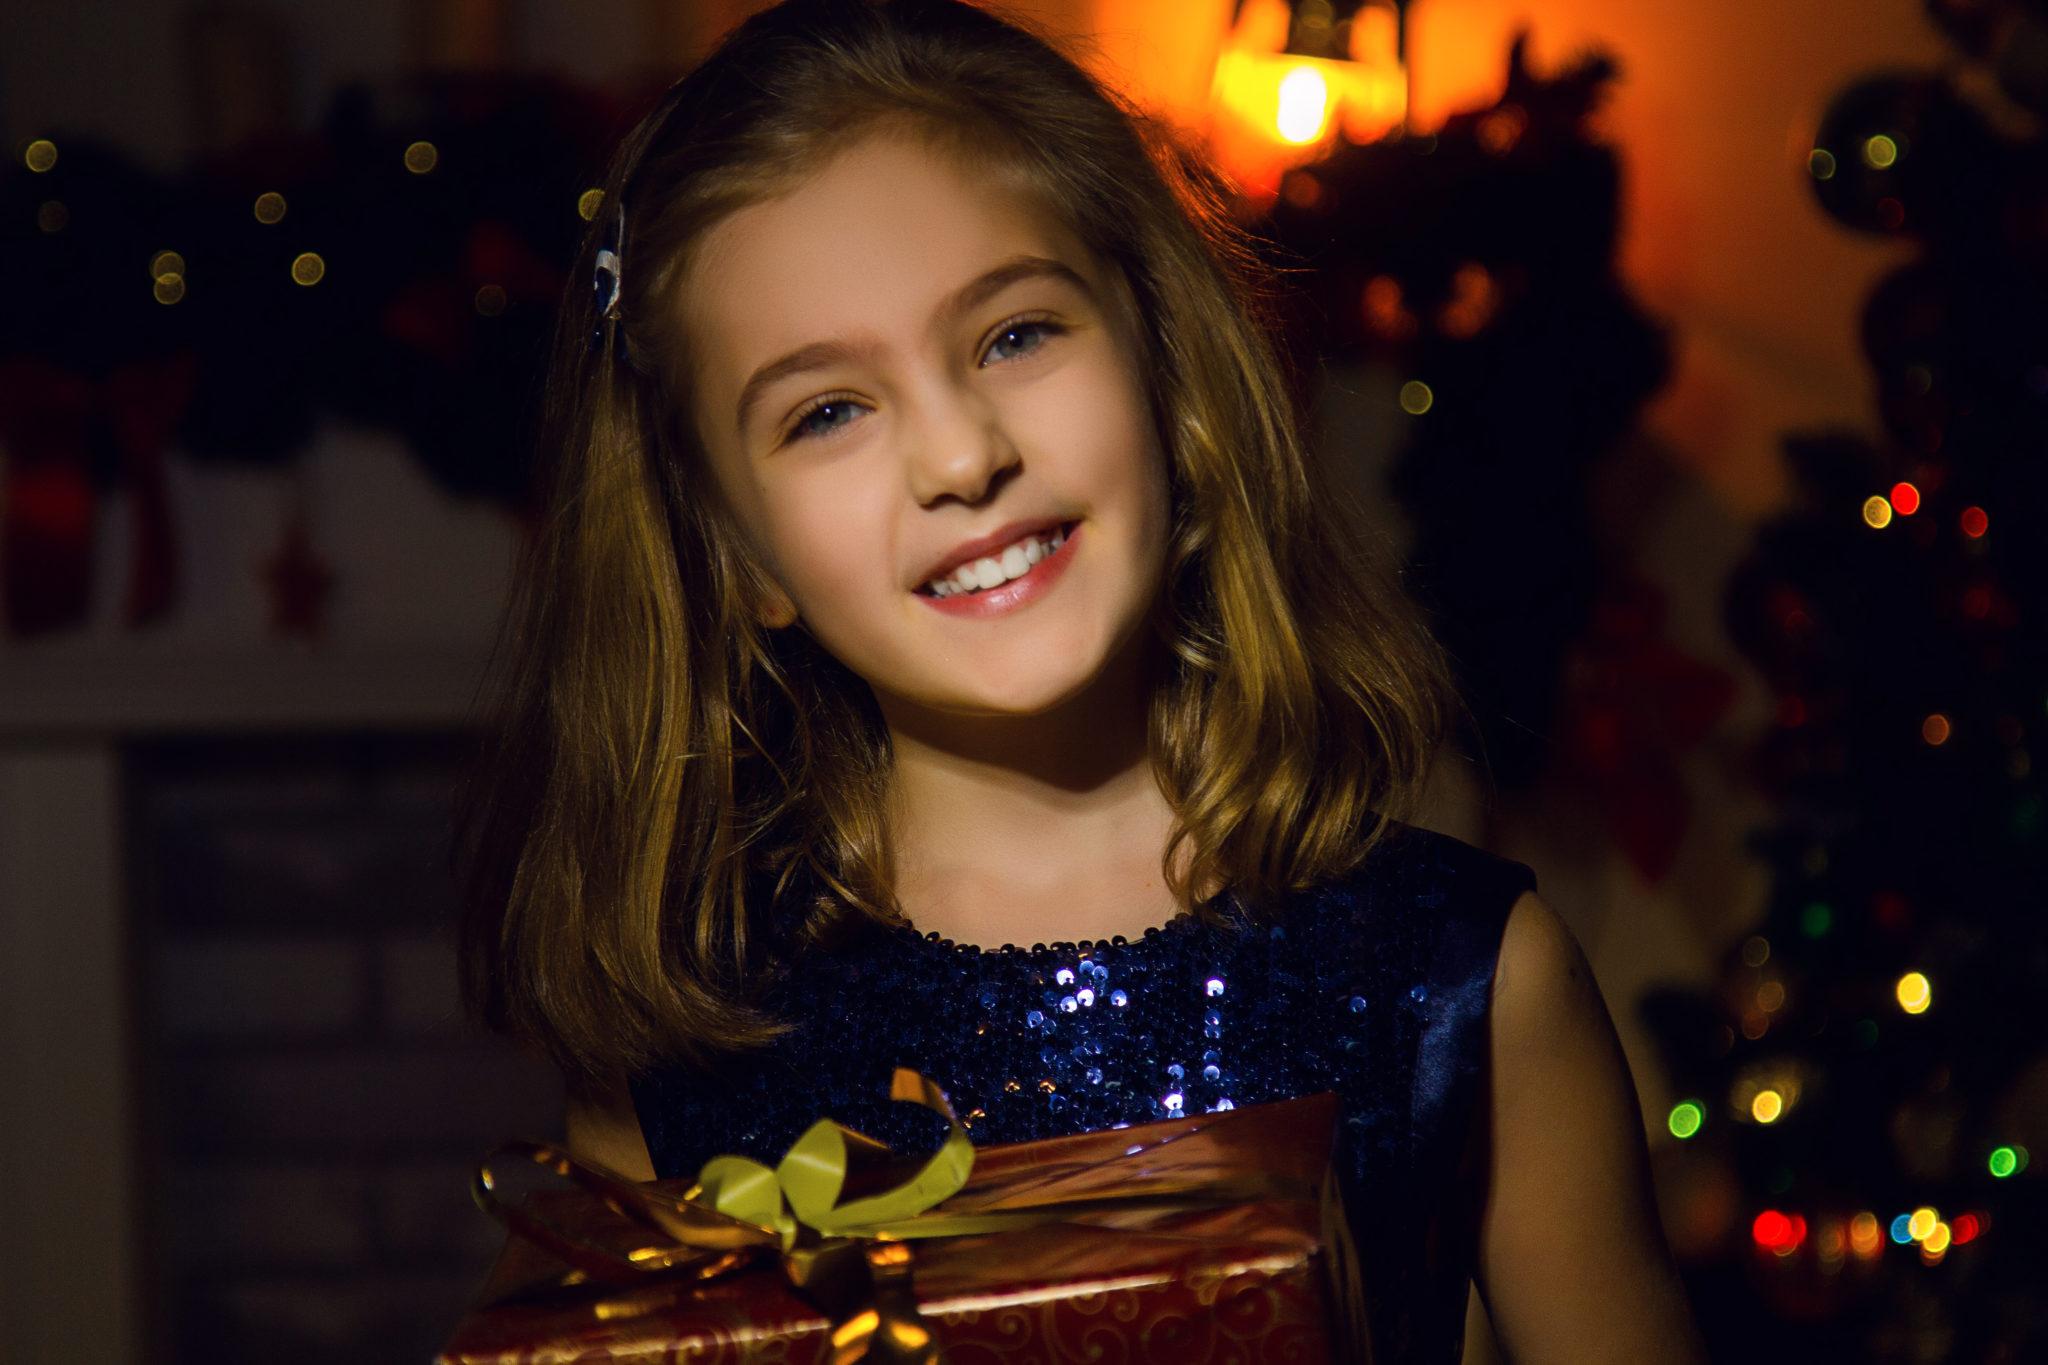 Новогодняя фотосессия, портрет ребенка на фоне новогодних украшений